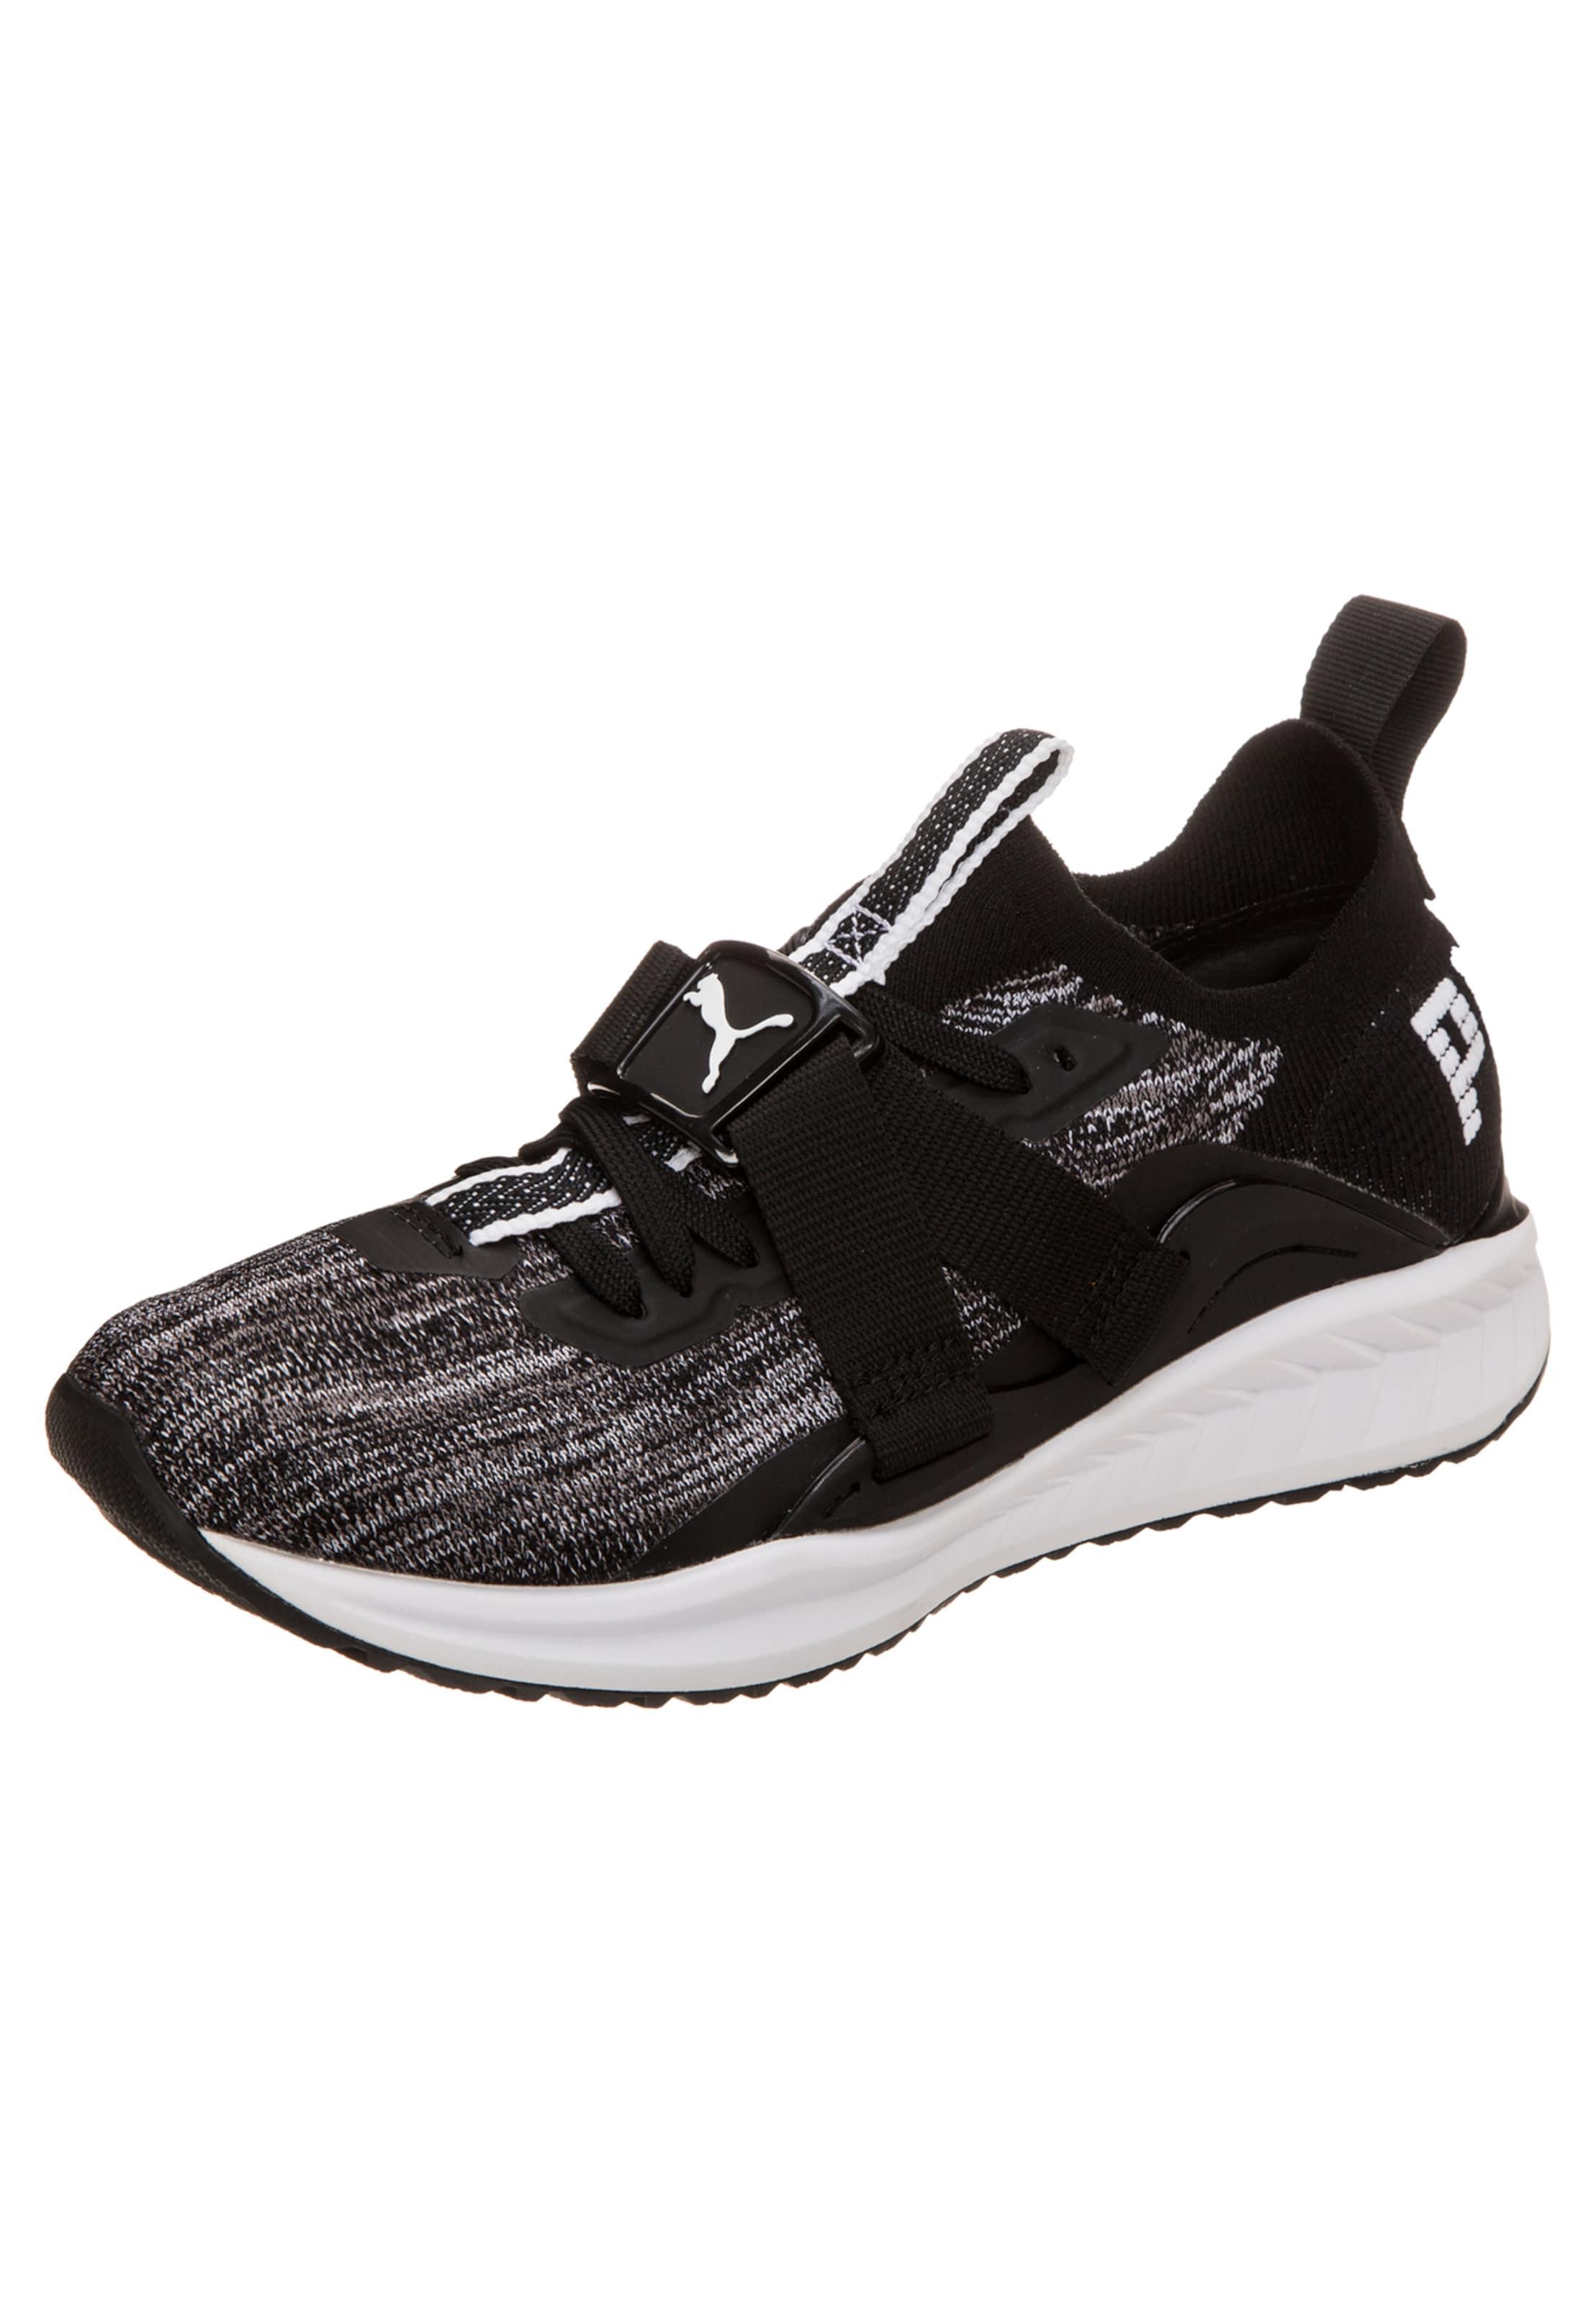 PUMA  Ignite evoKNIT Lo 2  Sneaker